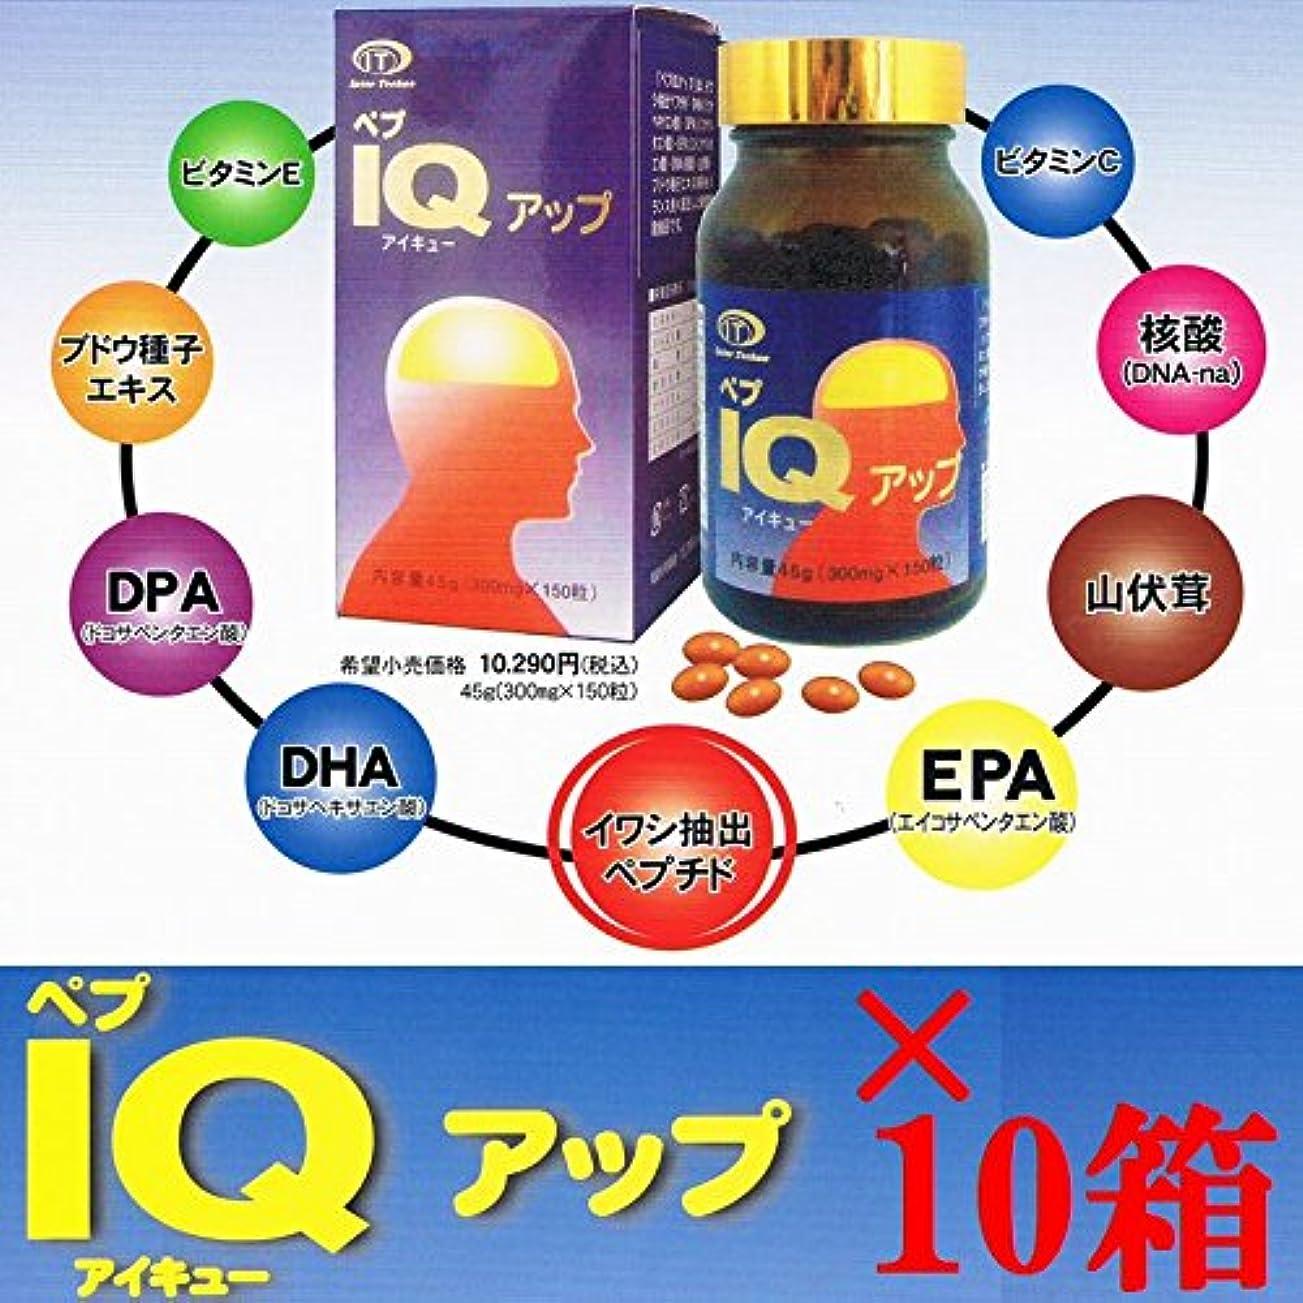 辛な一貫性のないドリルペプIQアップ 150粒 ×超お得10箱セット 《記憶?思考、DHA、EPA》